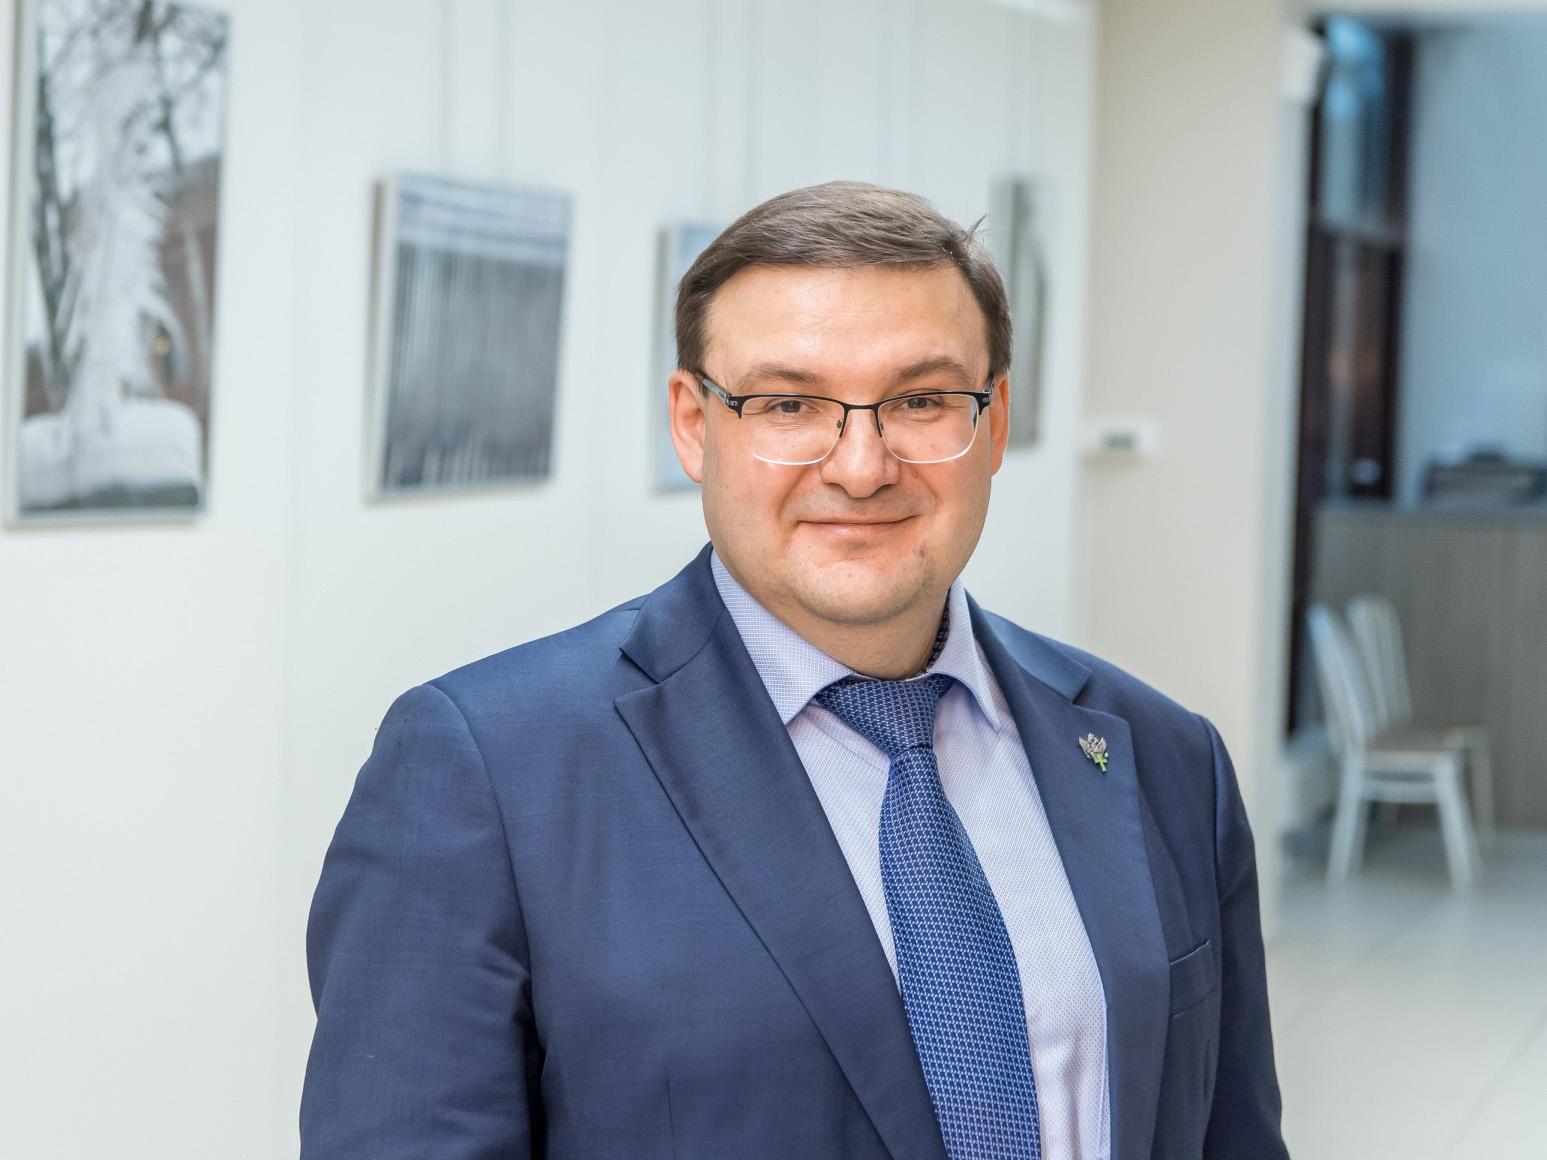 Открытая лекция заместителя мэра г. Череповец Михаила Анатольевича Ананьина